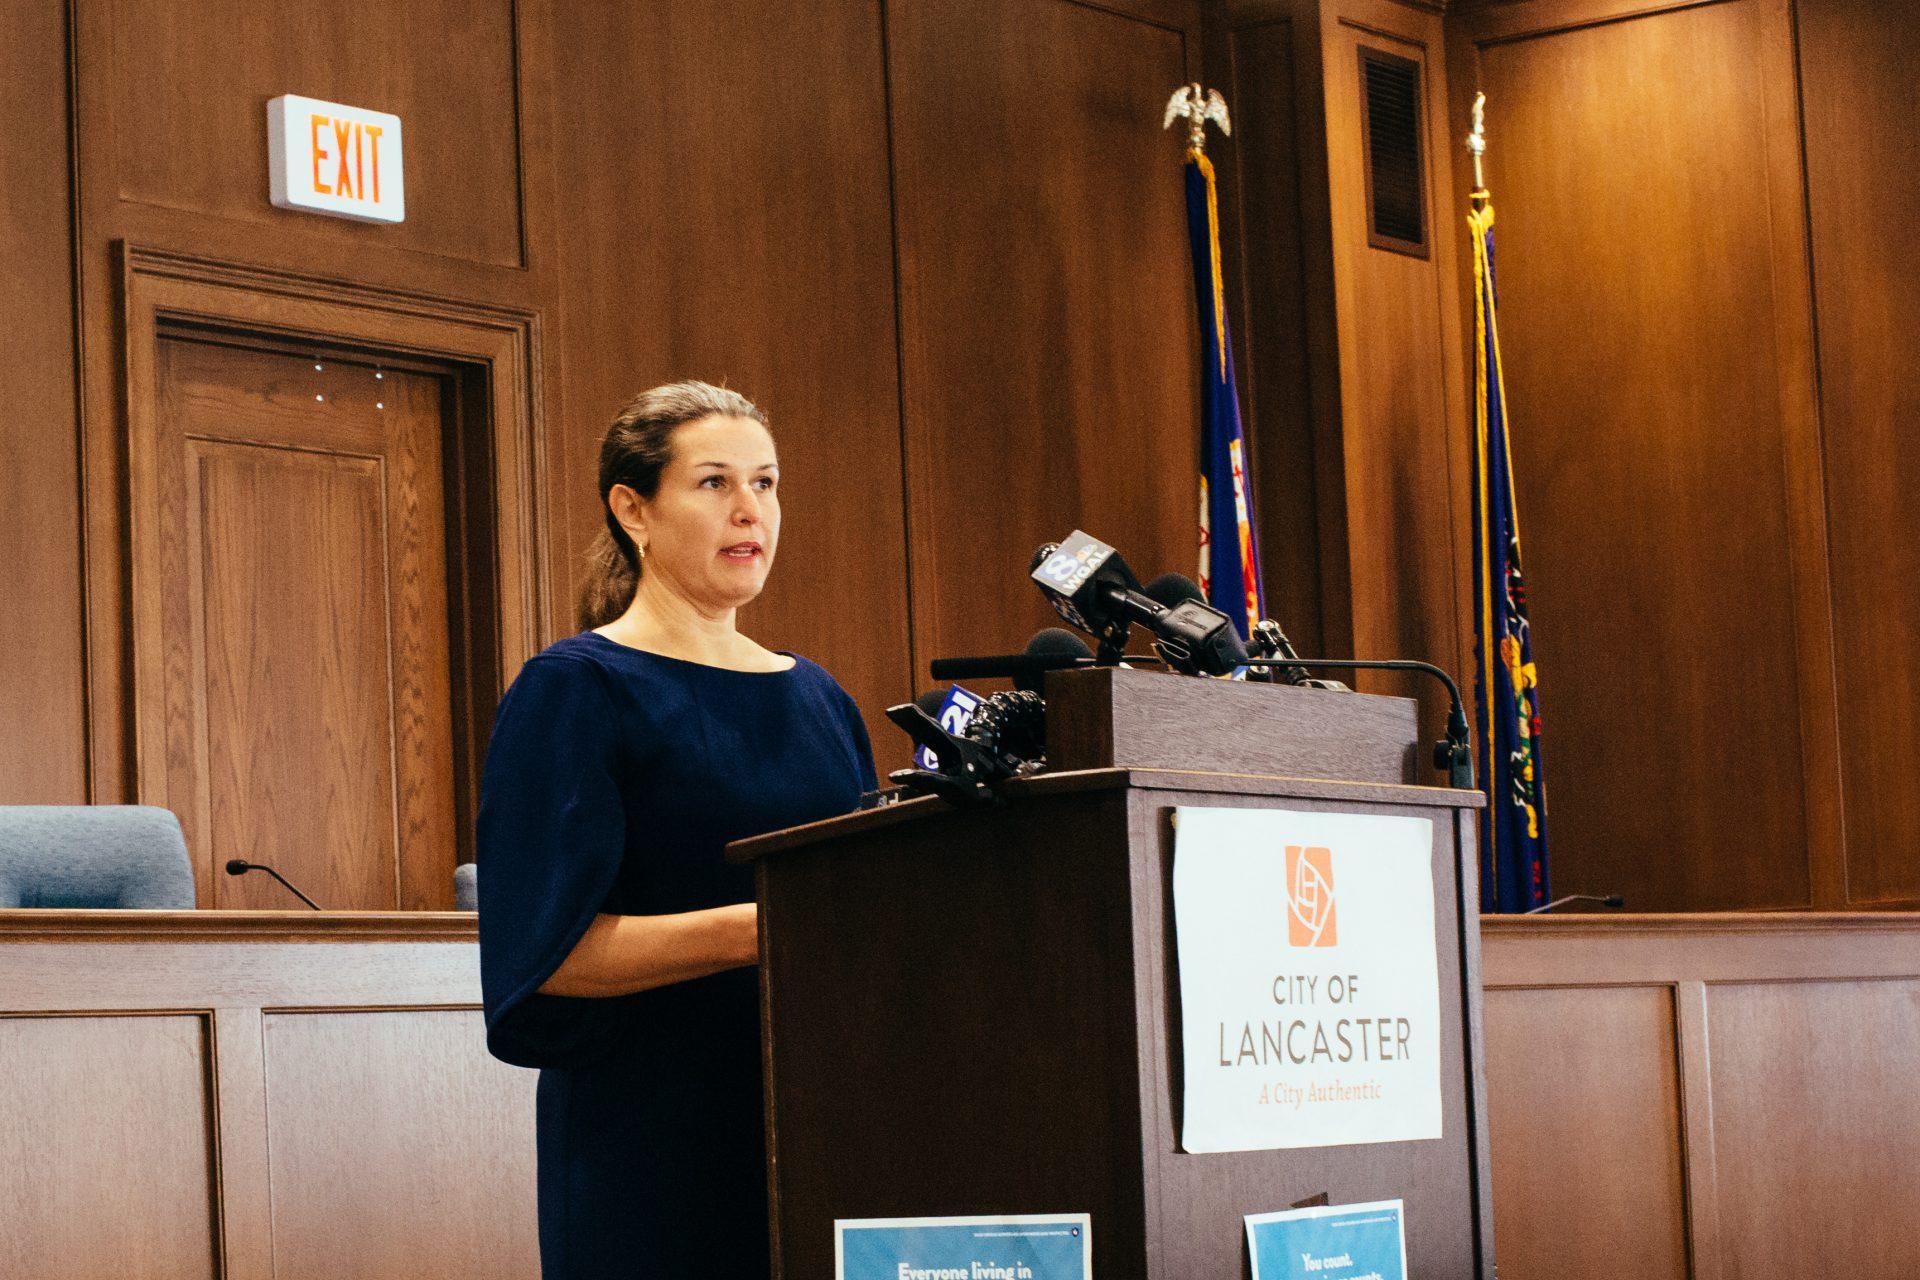 Lancaster Mayor Danene Sorace speaks at a press conference in Lancaster, Pa., on September 14, 2020.